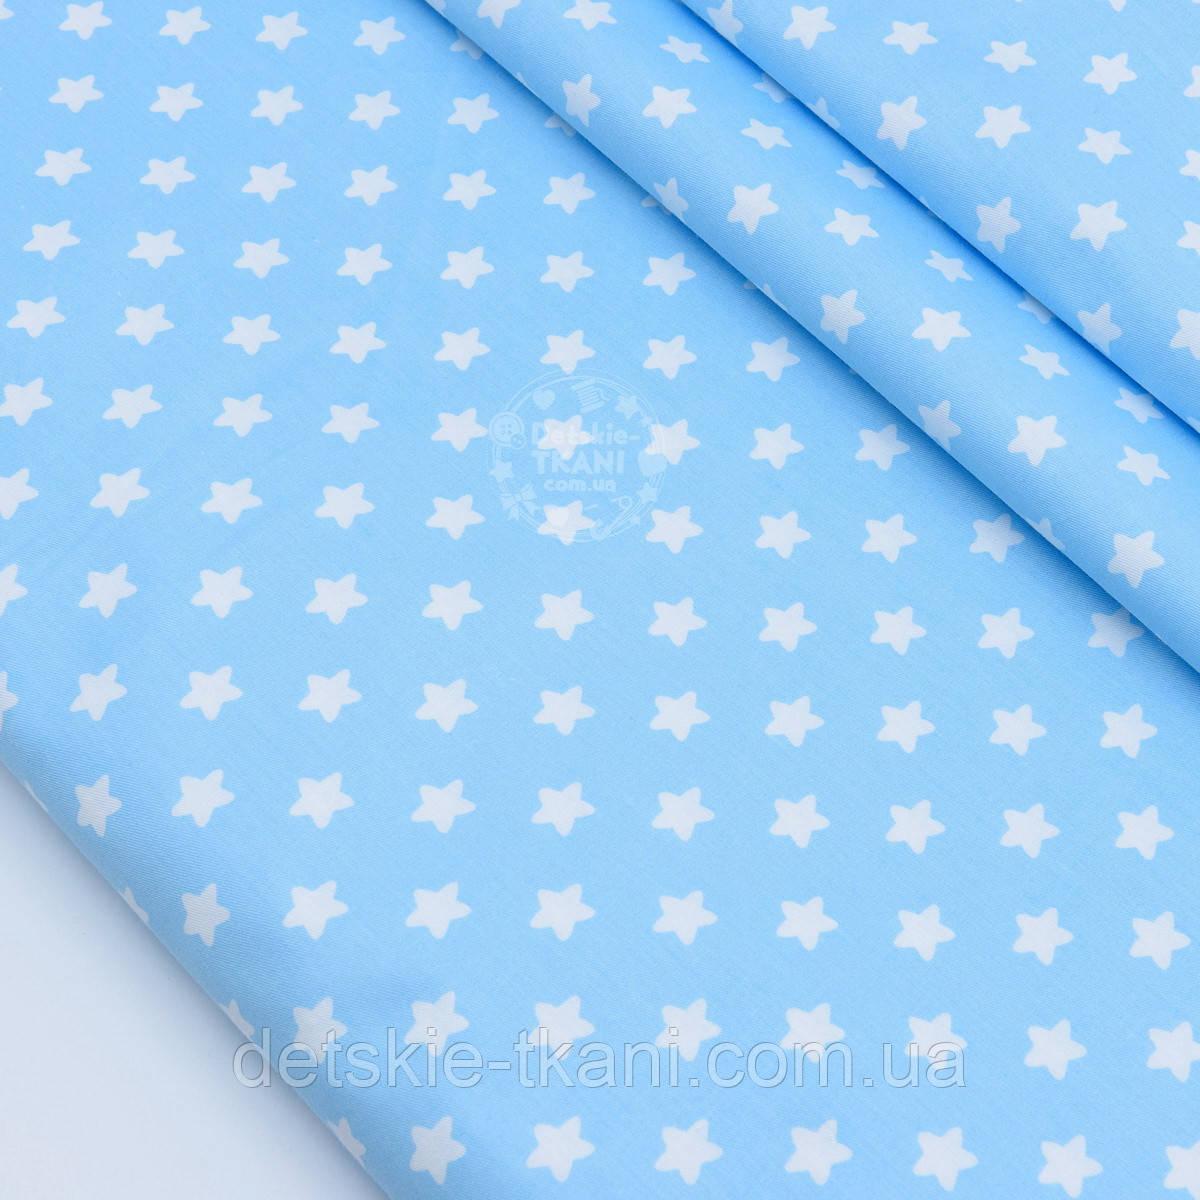 """Сатин ткань """"Одинаковые густые звёздочки 12 мм"""" белые на голубом, № 1702с"""